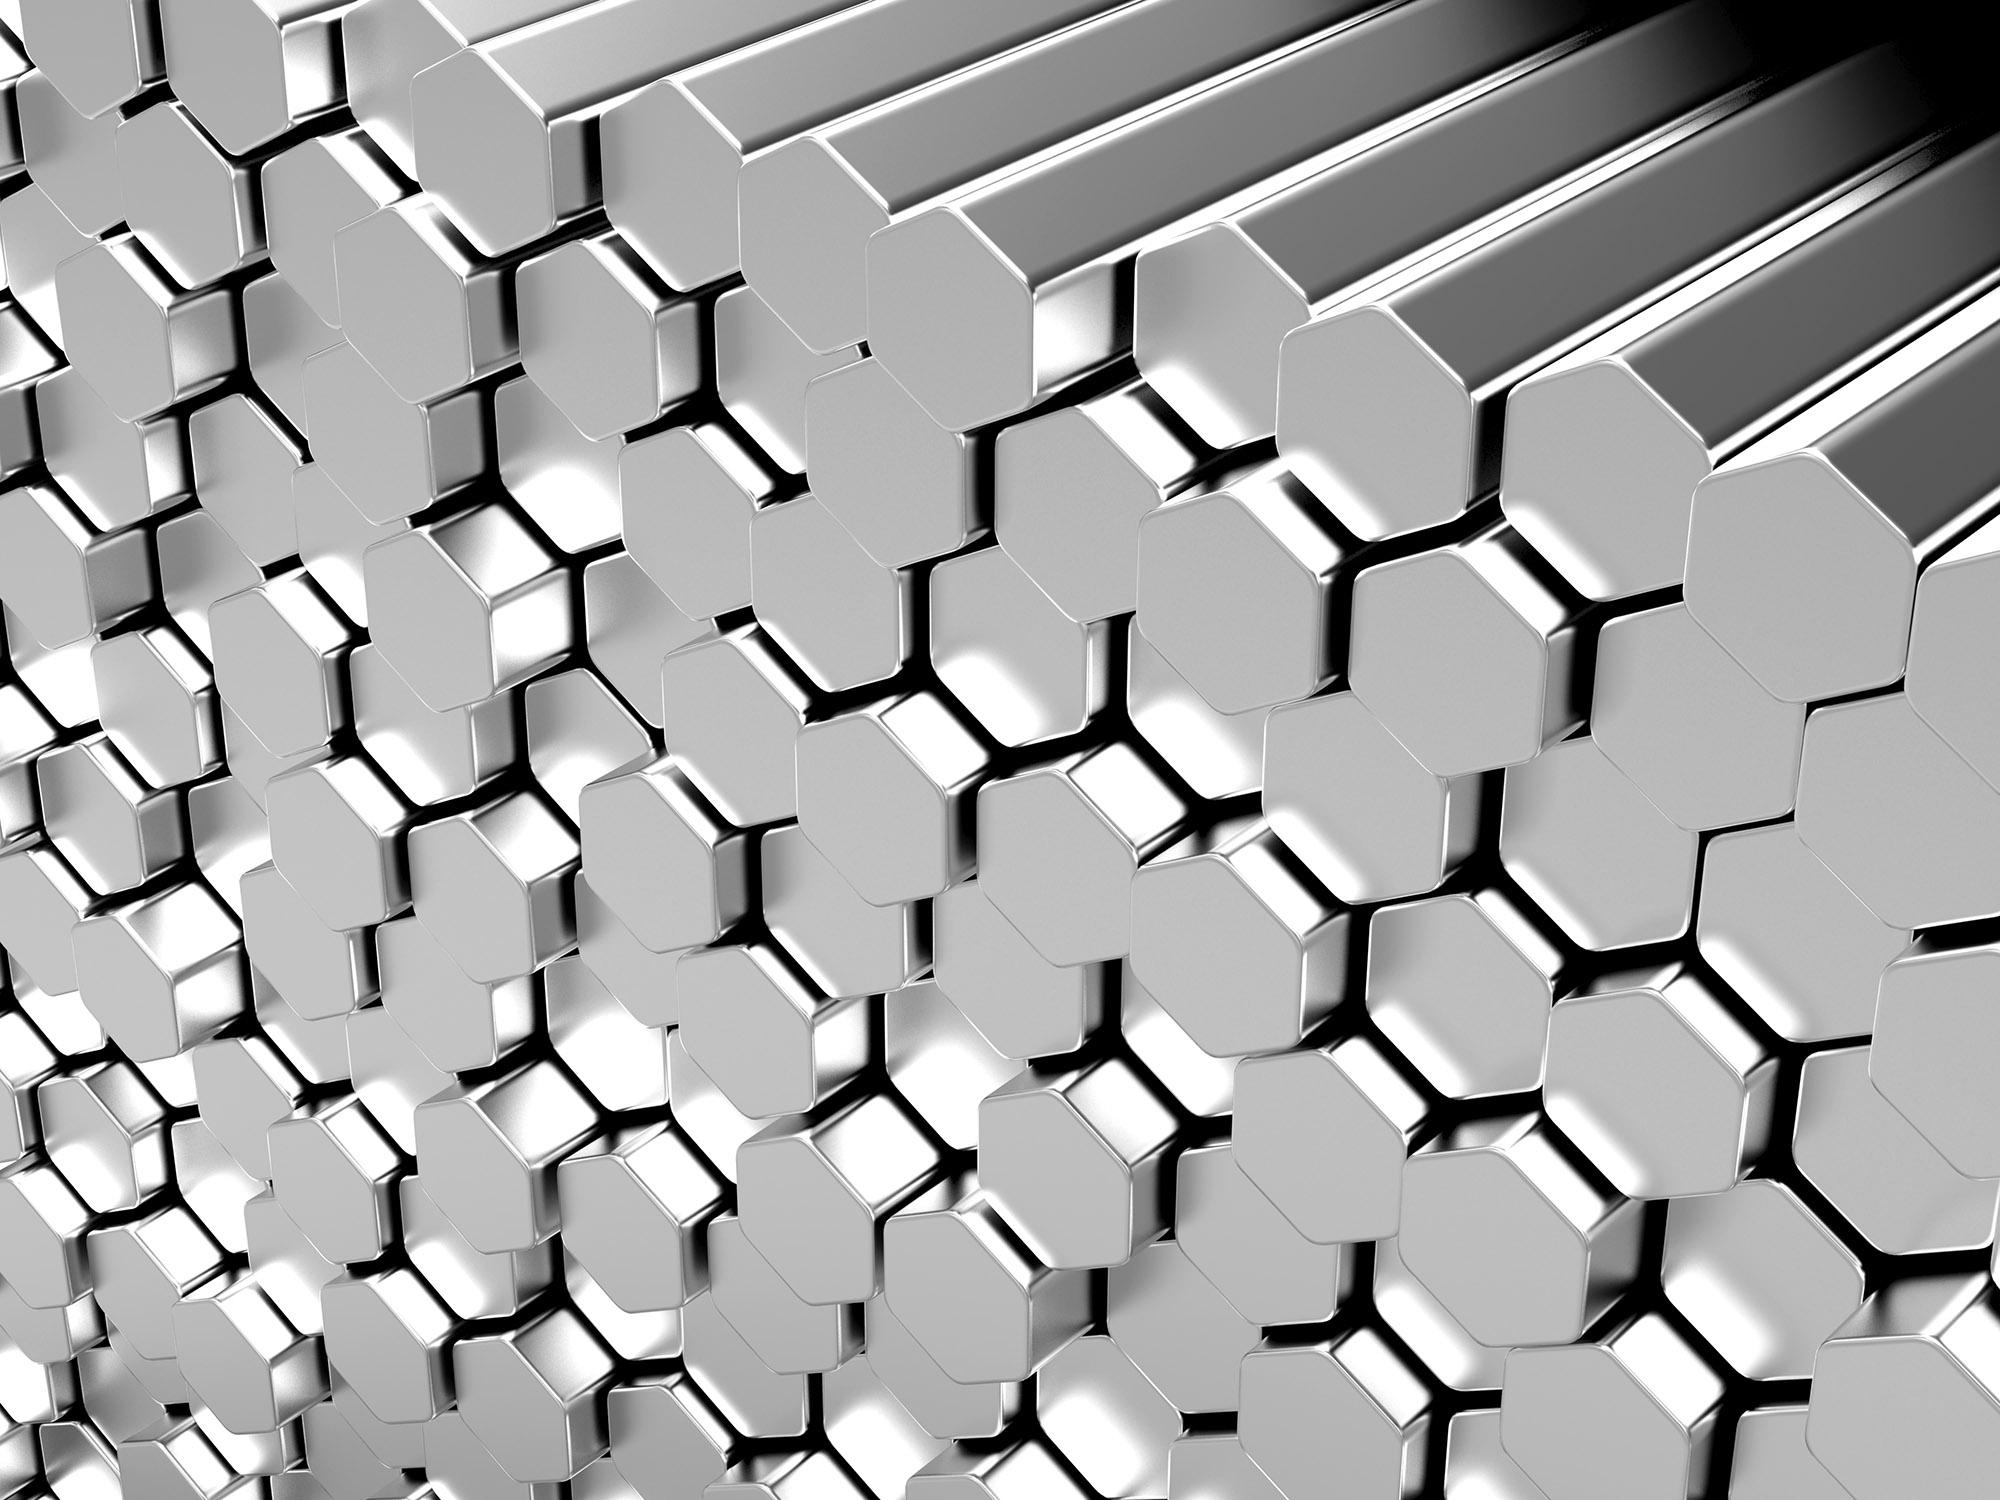 Stainless Steel Hexagonal Bar Metal Supplies